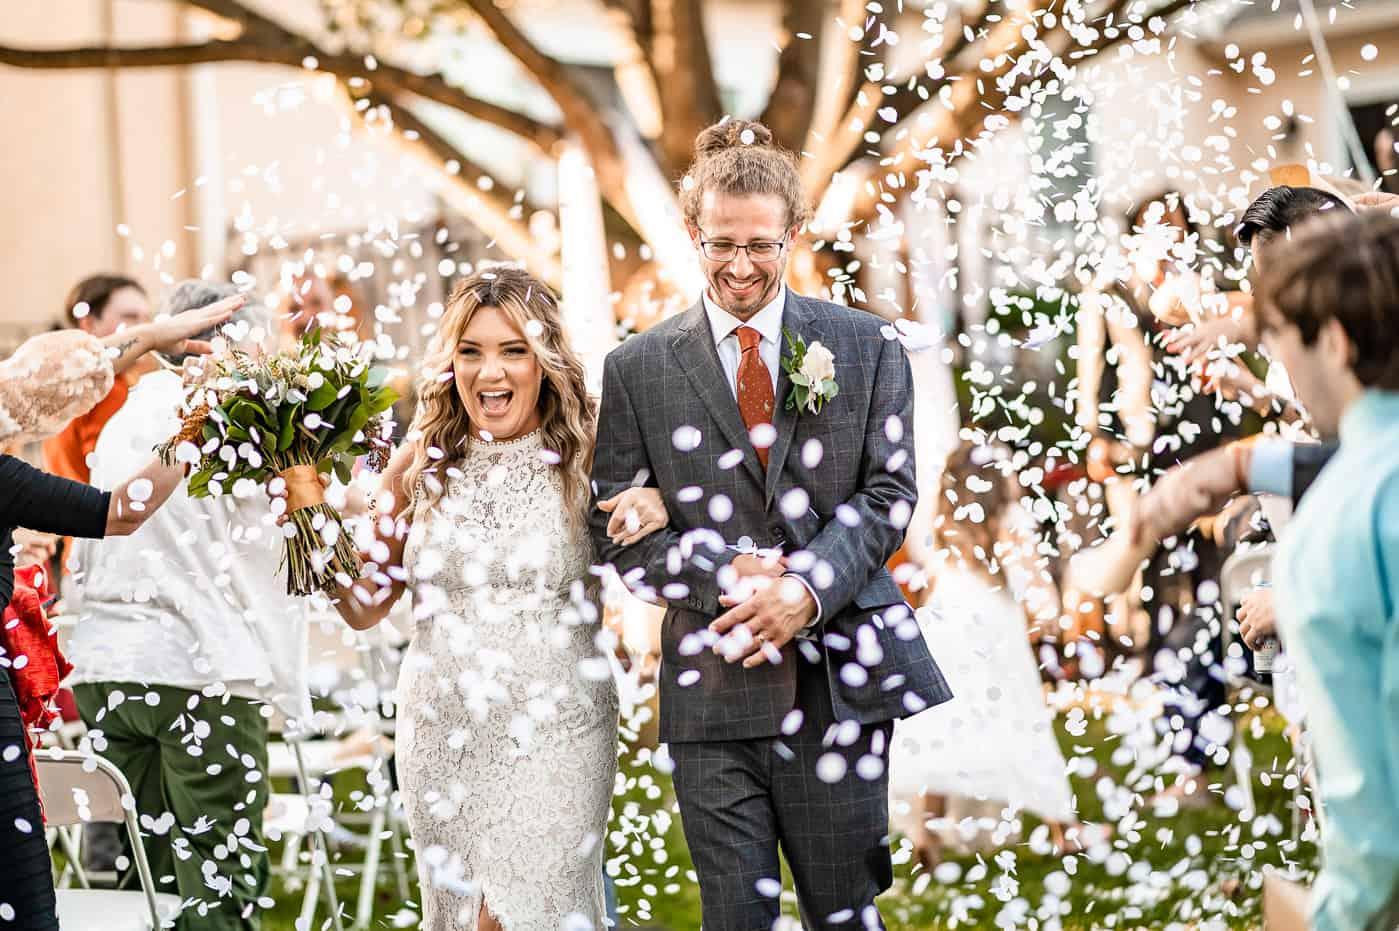 biodegradable confetti wedding